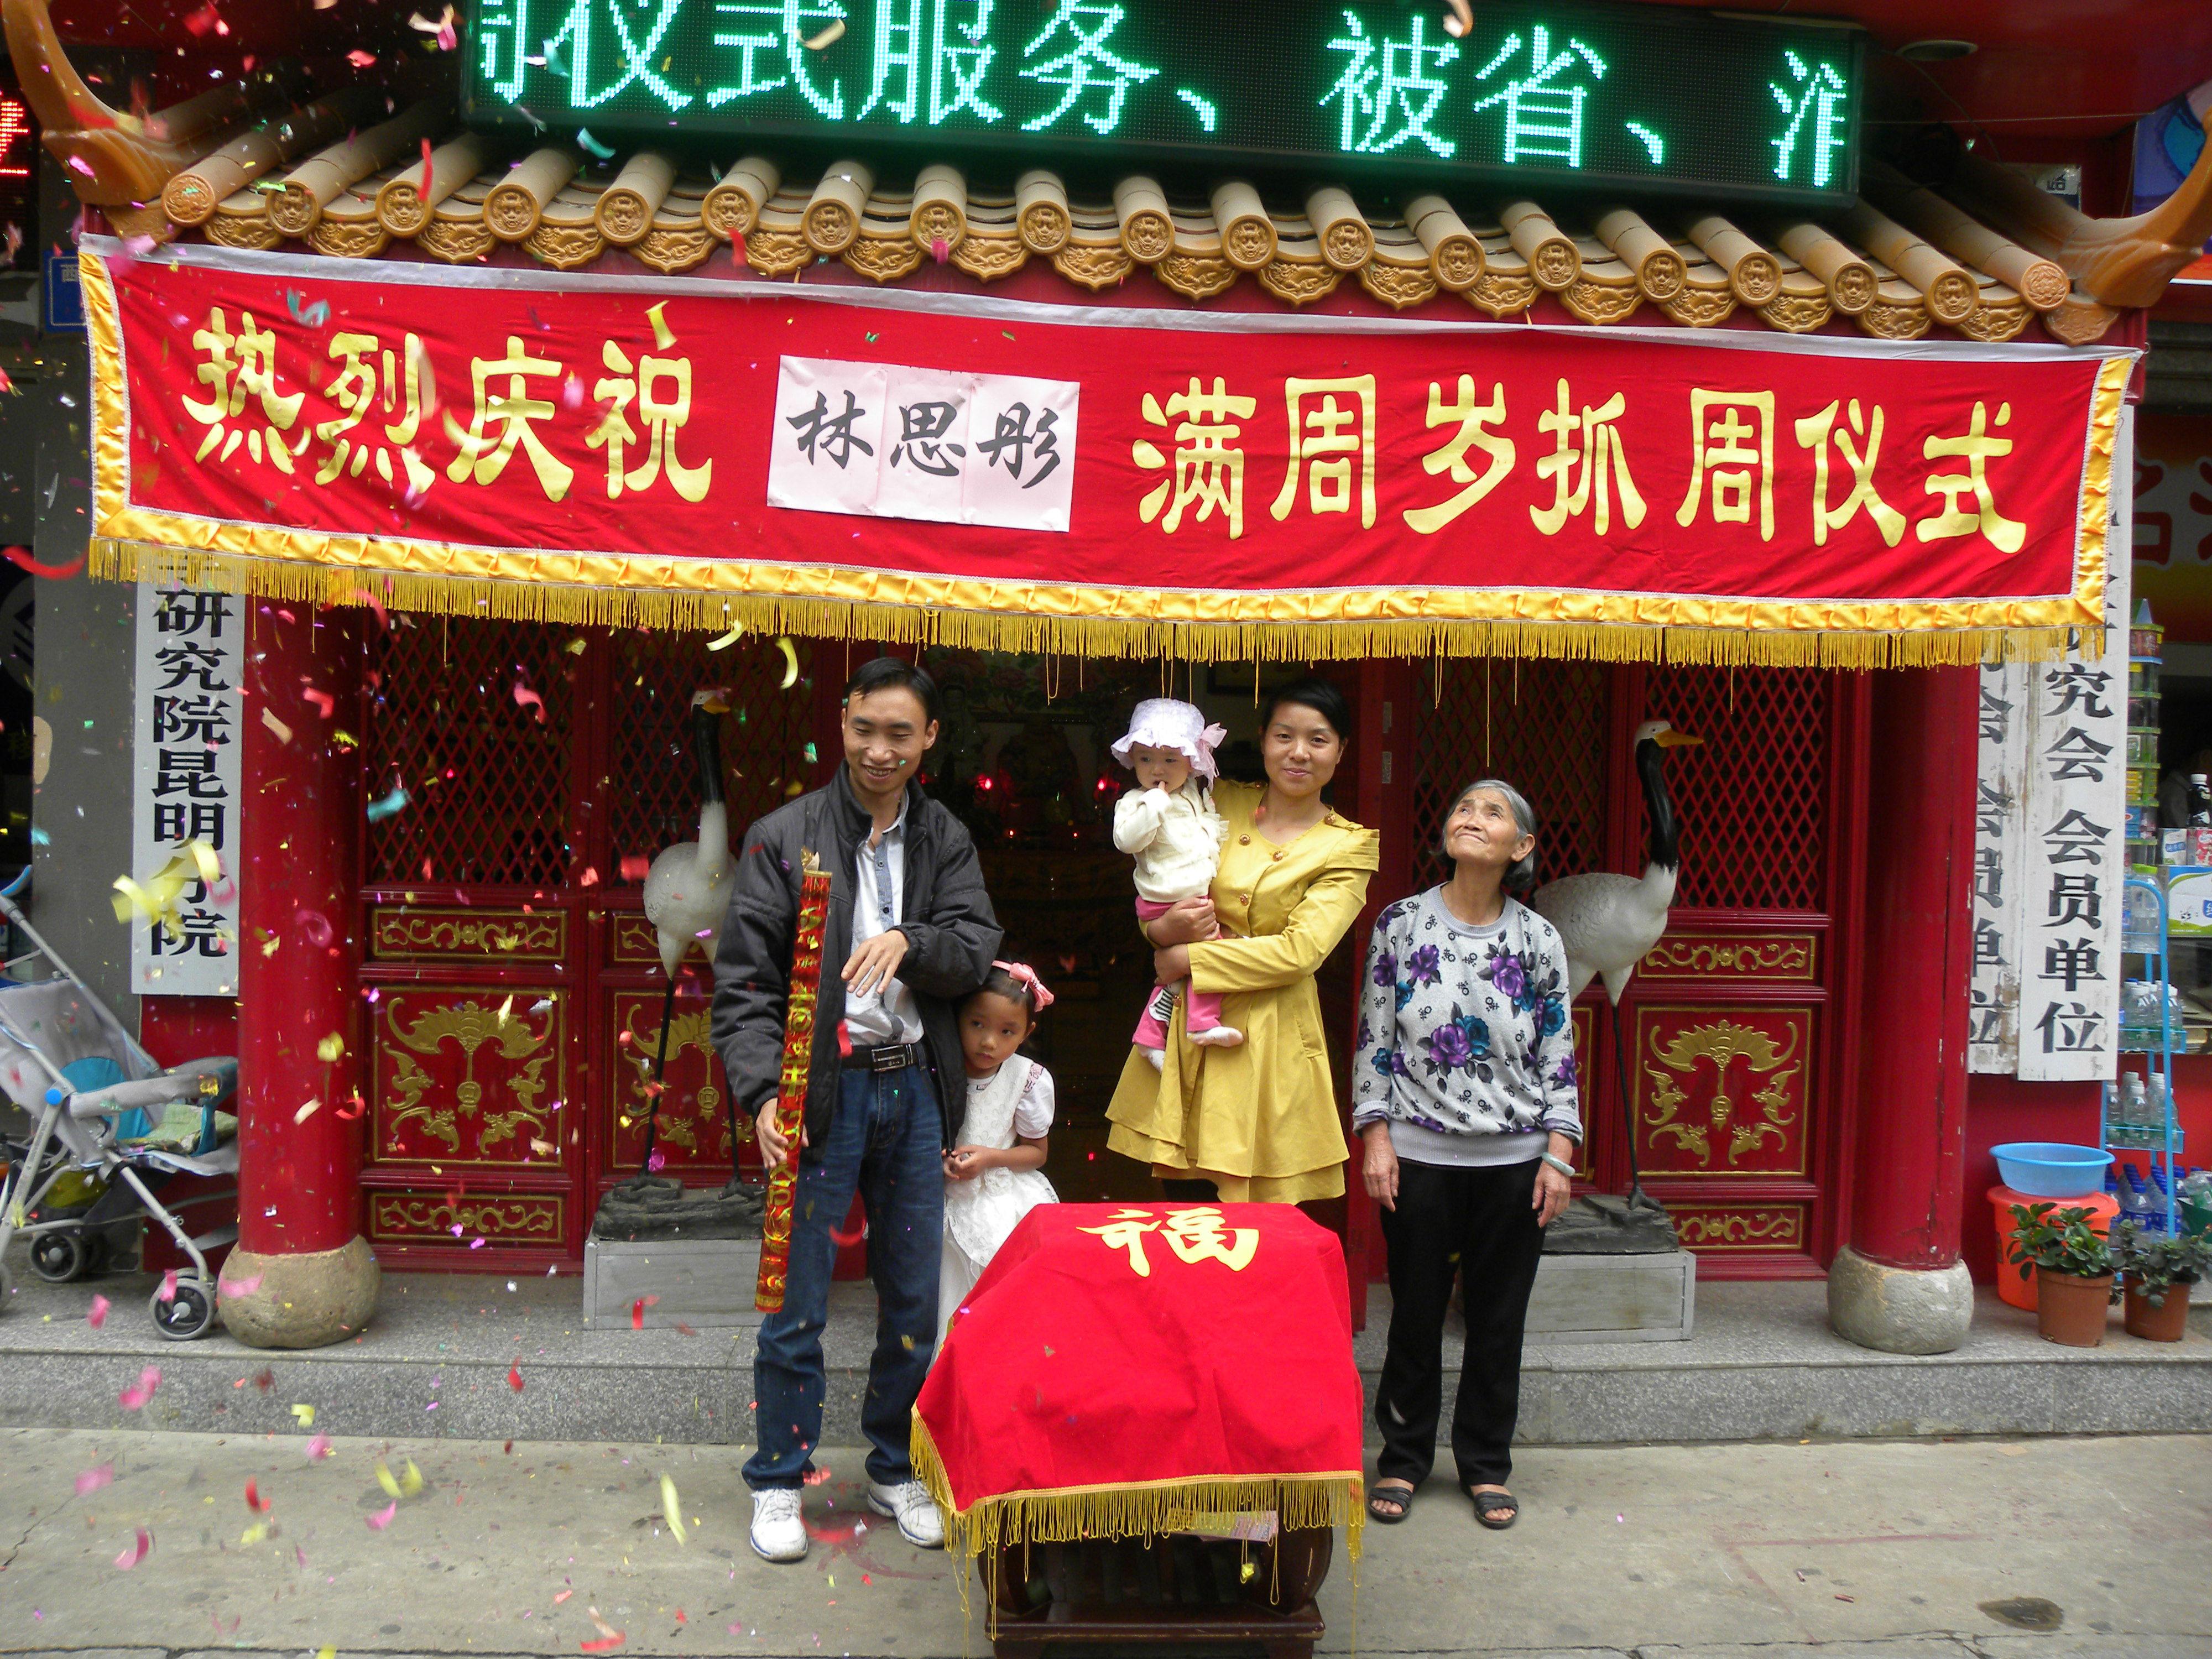 http://www.ynyihexuan.cn/160107143307001800185100.jpg